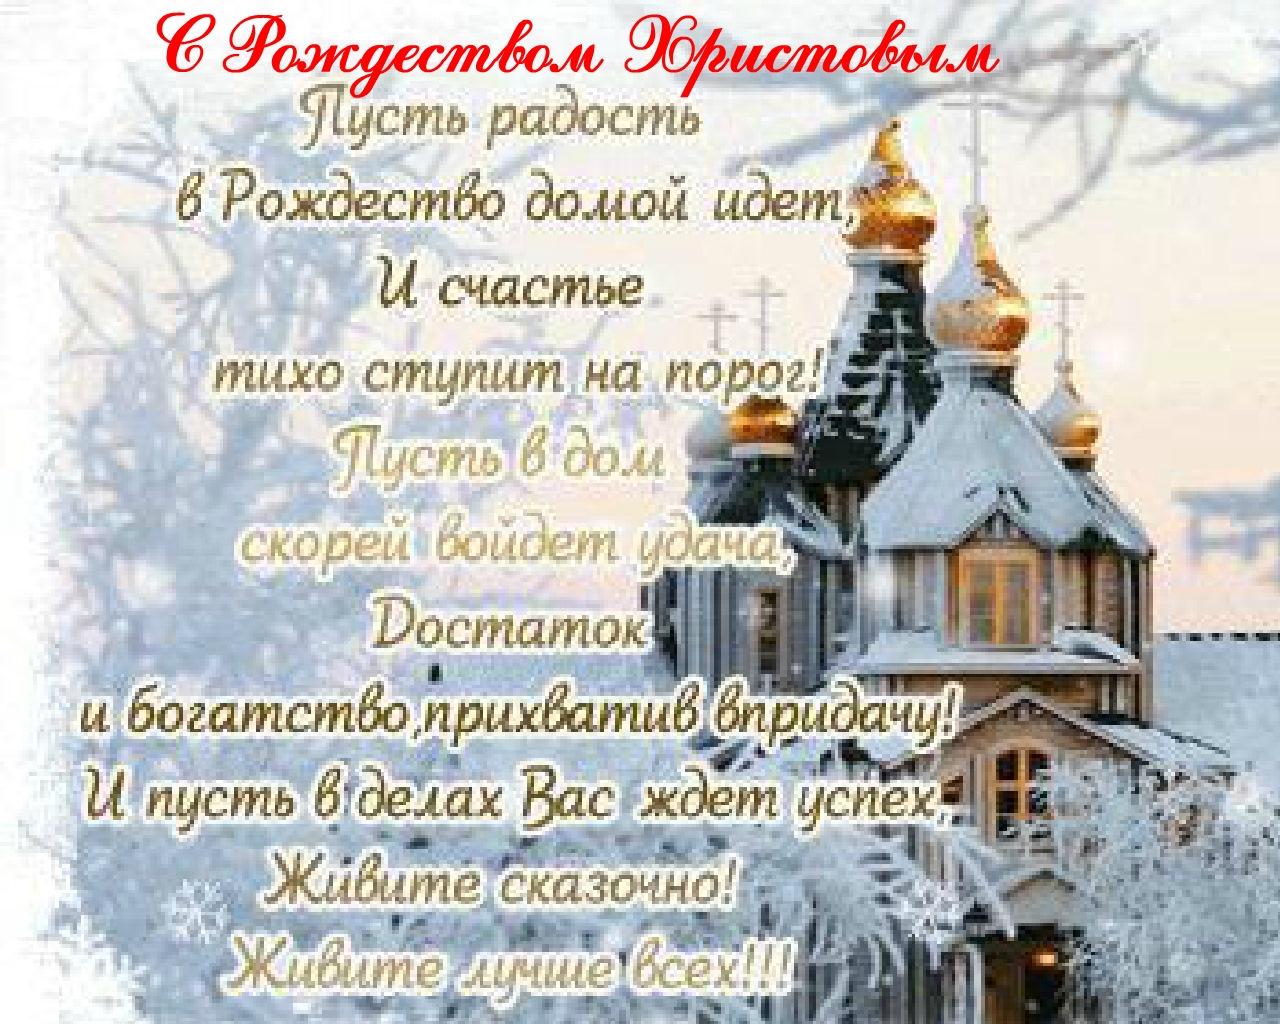 Рождественские поздравления православные короткие